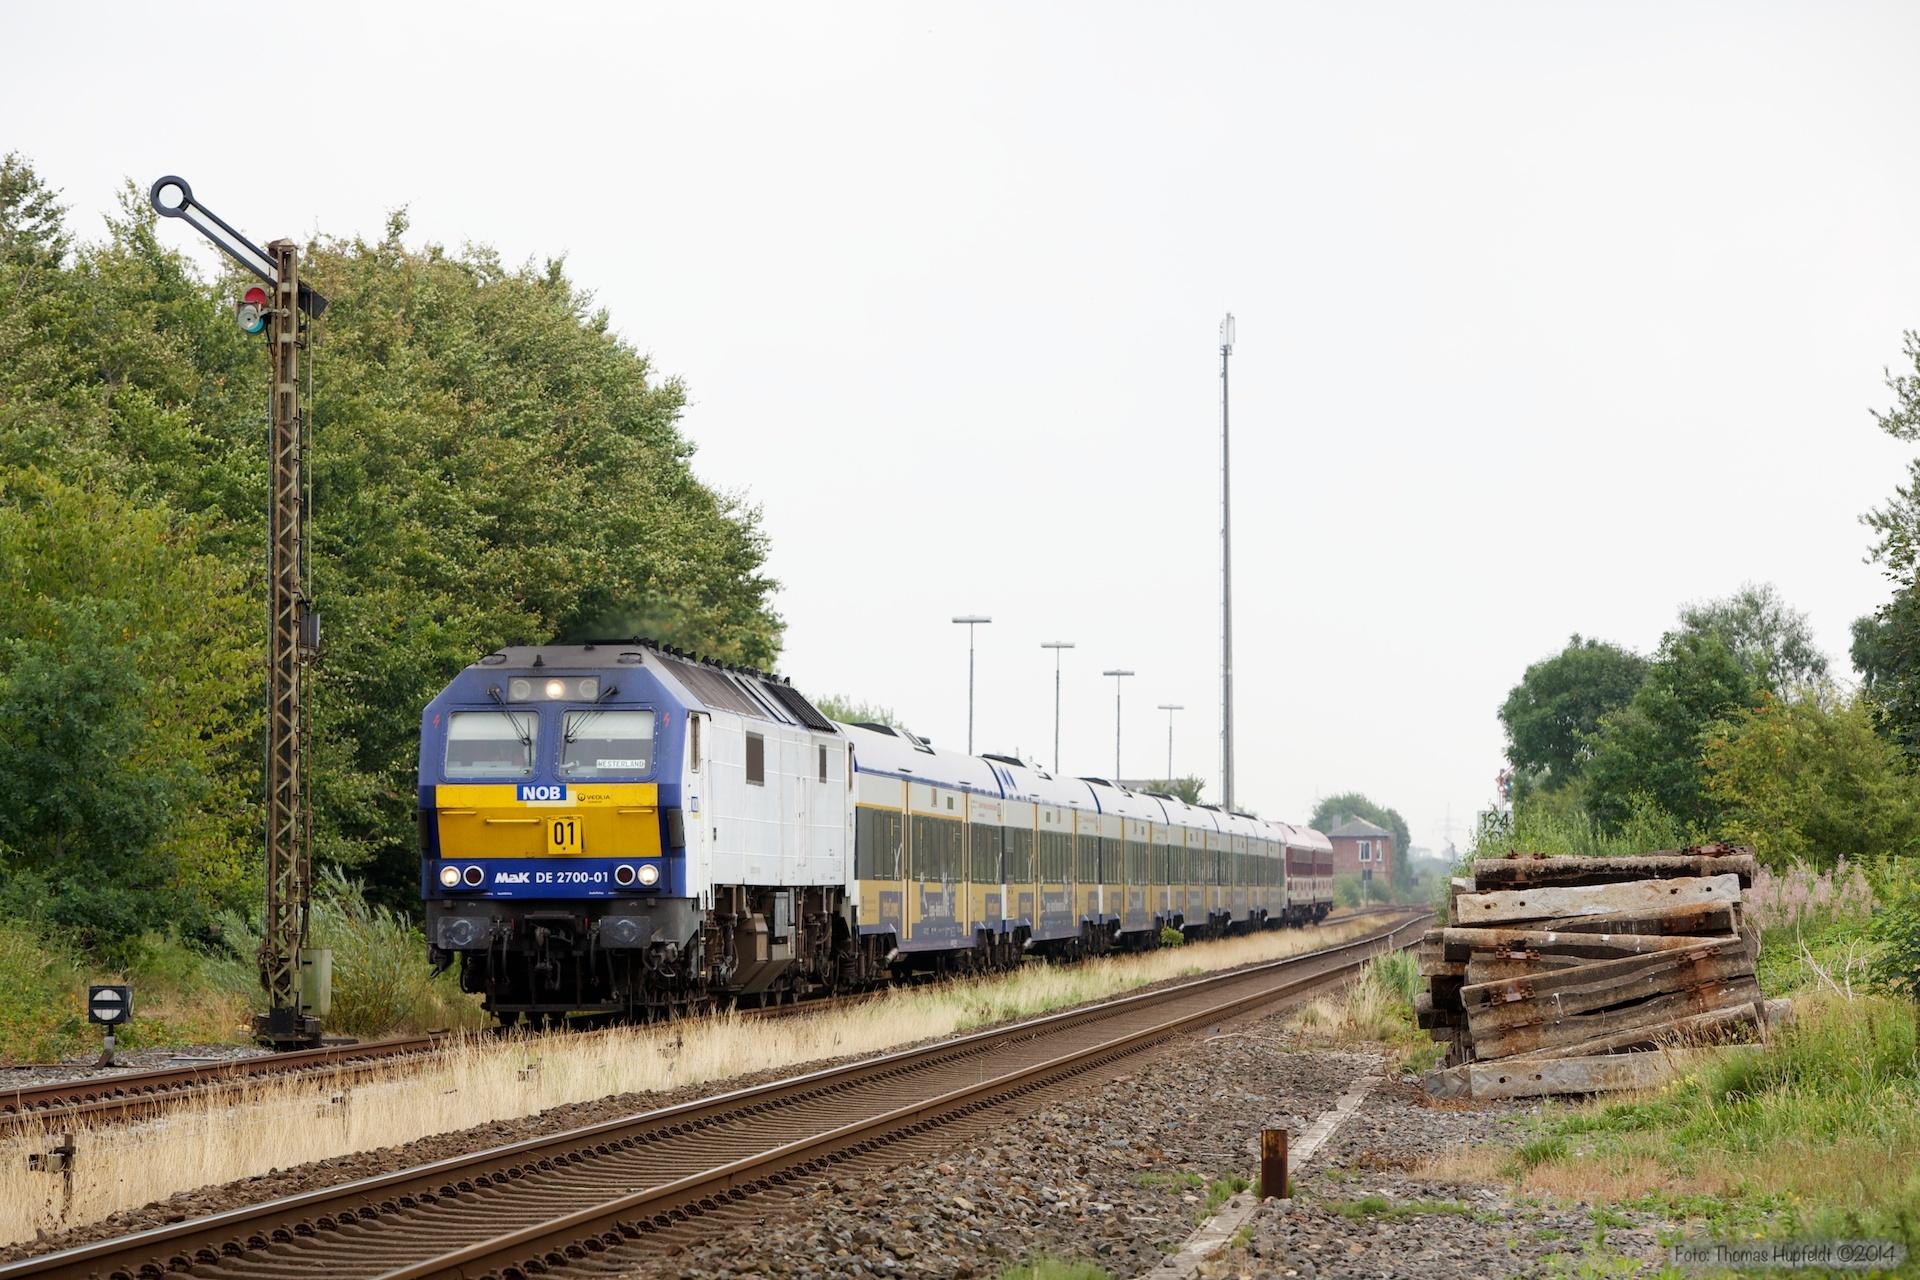 NOB DE2700-01 med NOB 81714 ved Lindholm - 03.08.2014